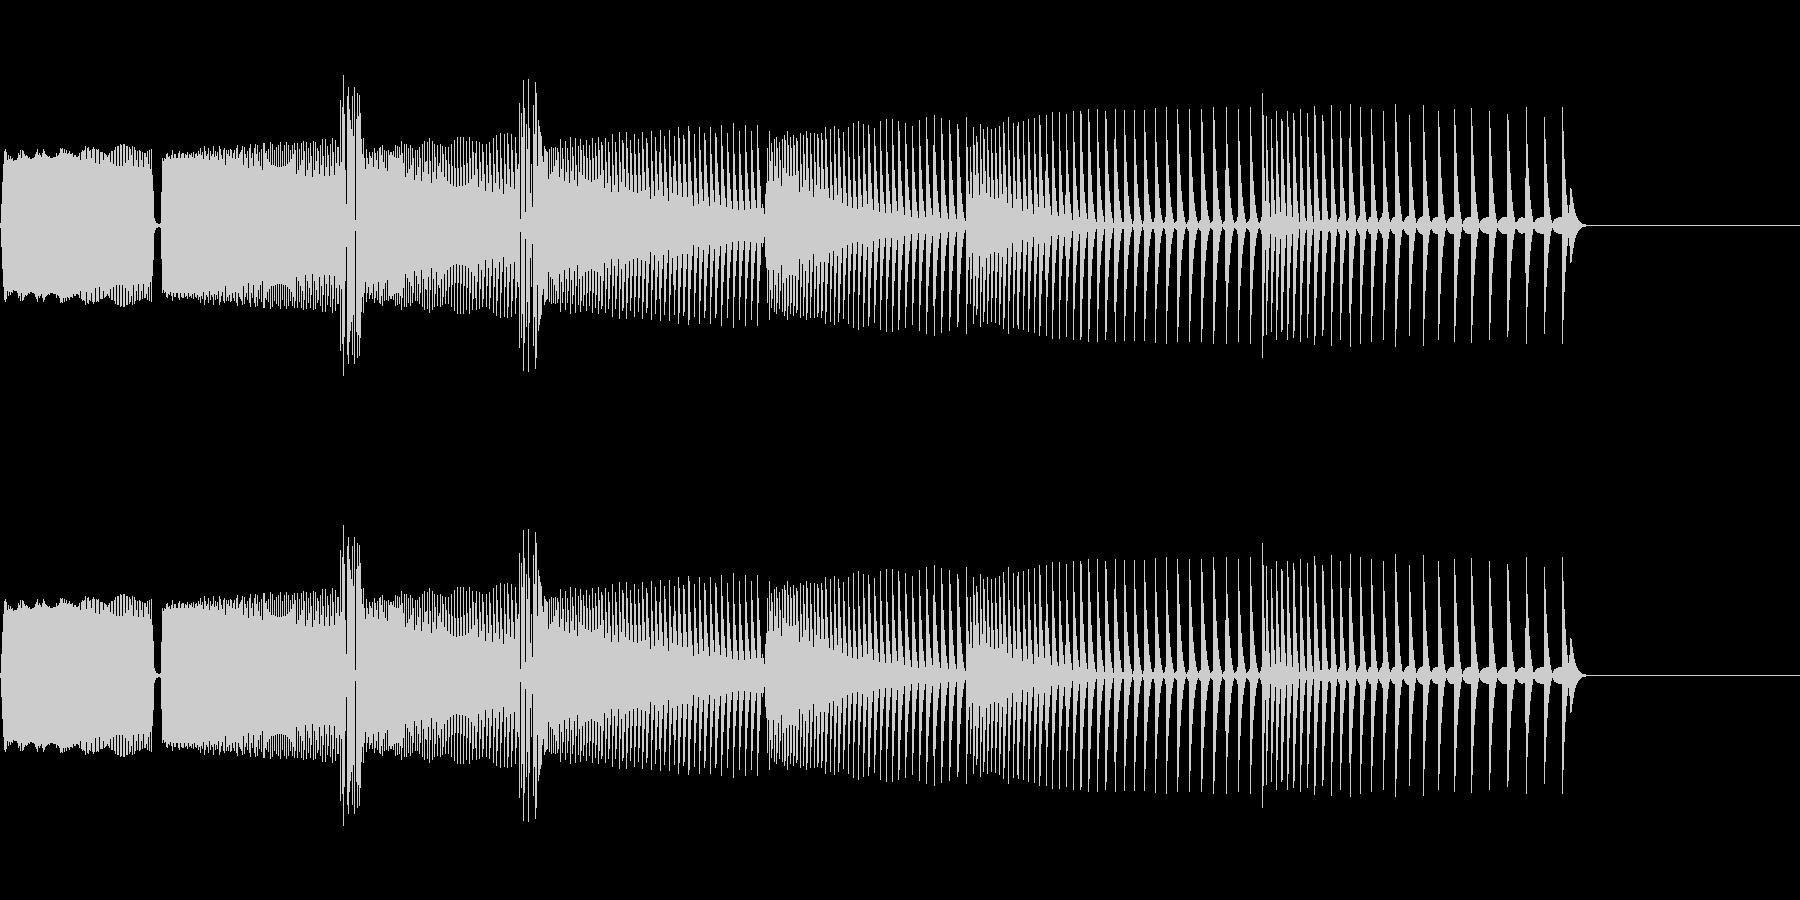 ゲームオーバーの音(ぴゅぴゅぴゅ⤵️)の未再生の波形